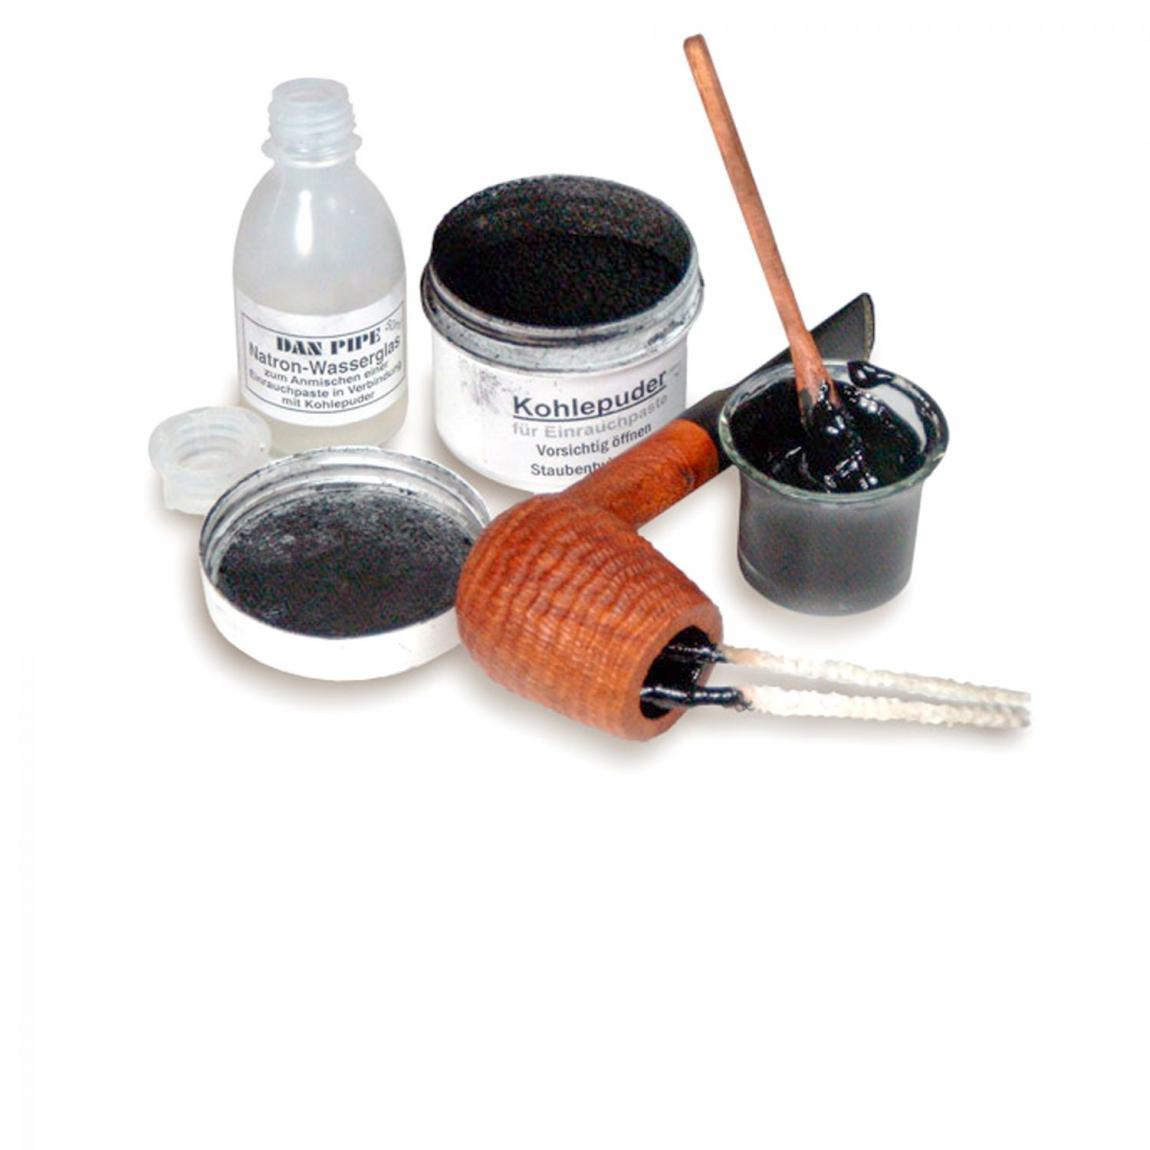 Einrauchpaste, Akivkohle-Pulver und Wasserglas-Natron